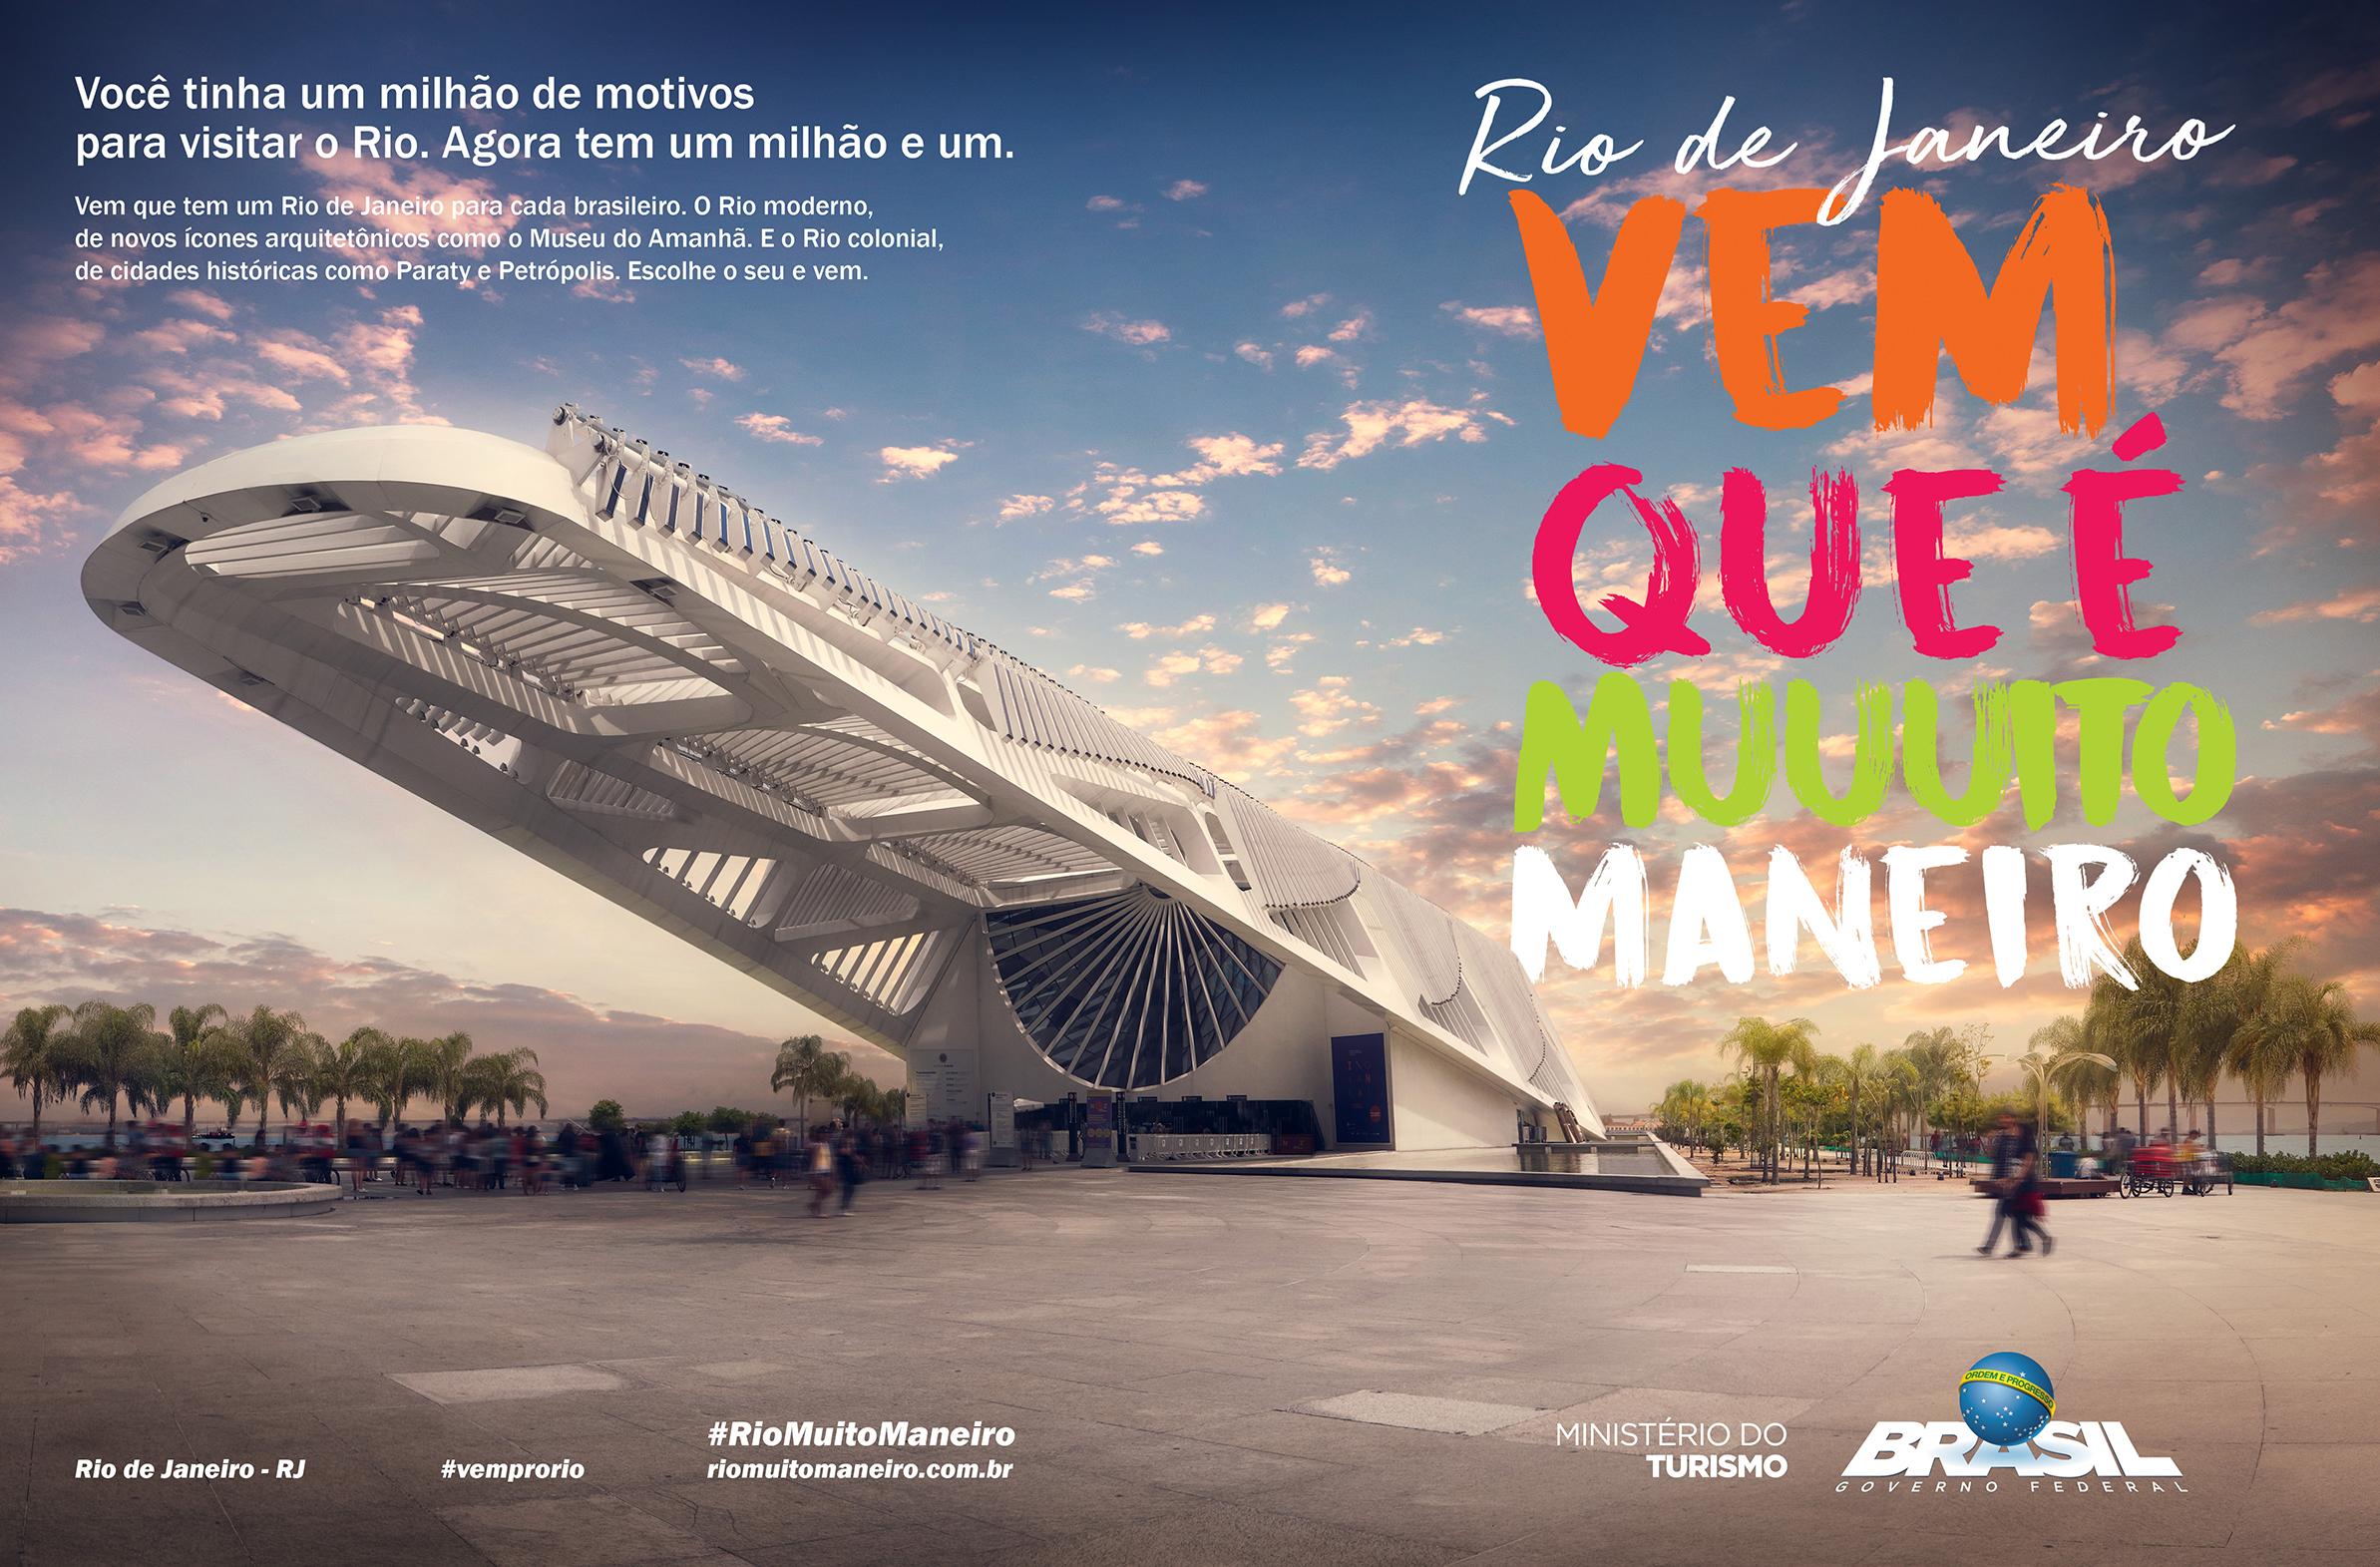 MTur_an_revista_40,4x26,6 museu